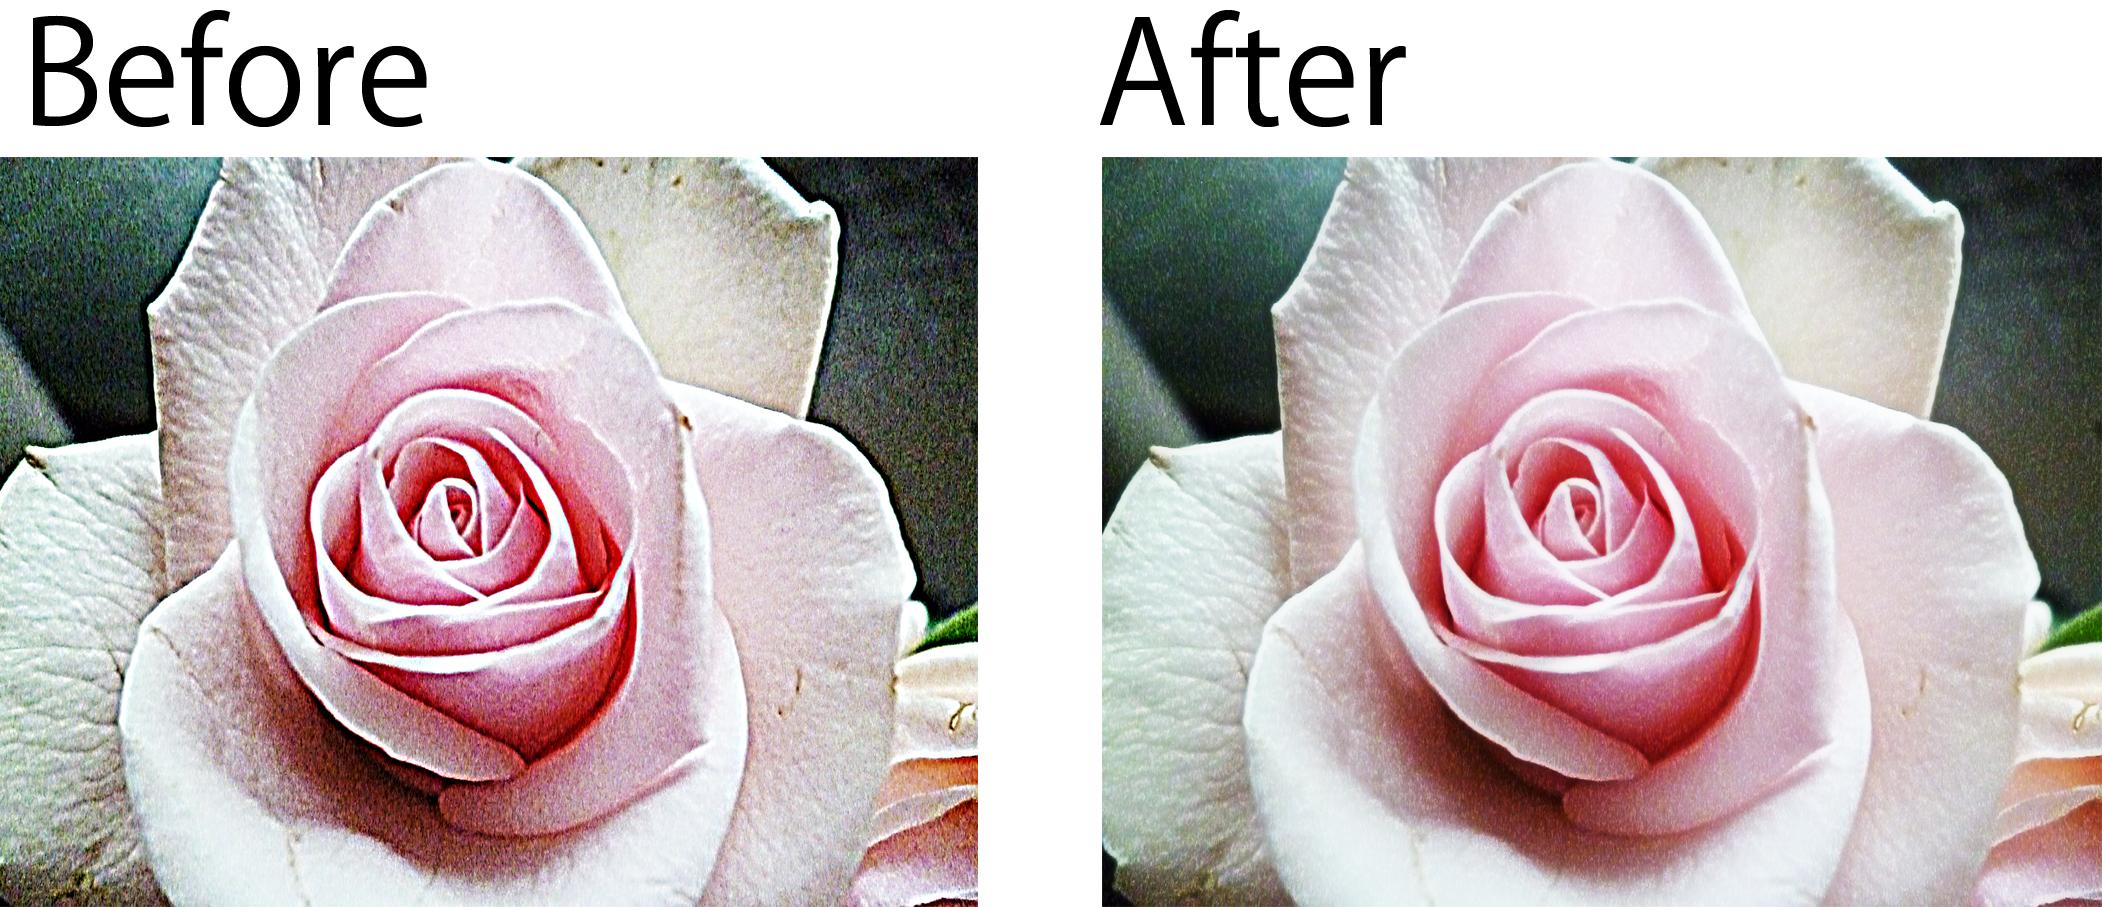 簡単プロ級!フォトショで自然なシャープをかけて美しい画像にする方法。